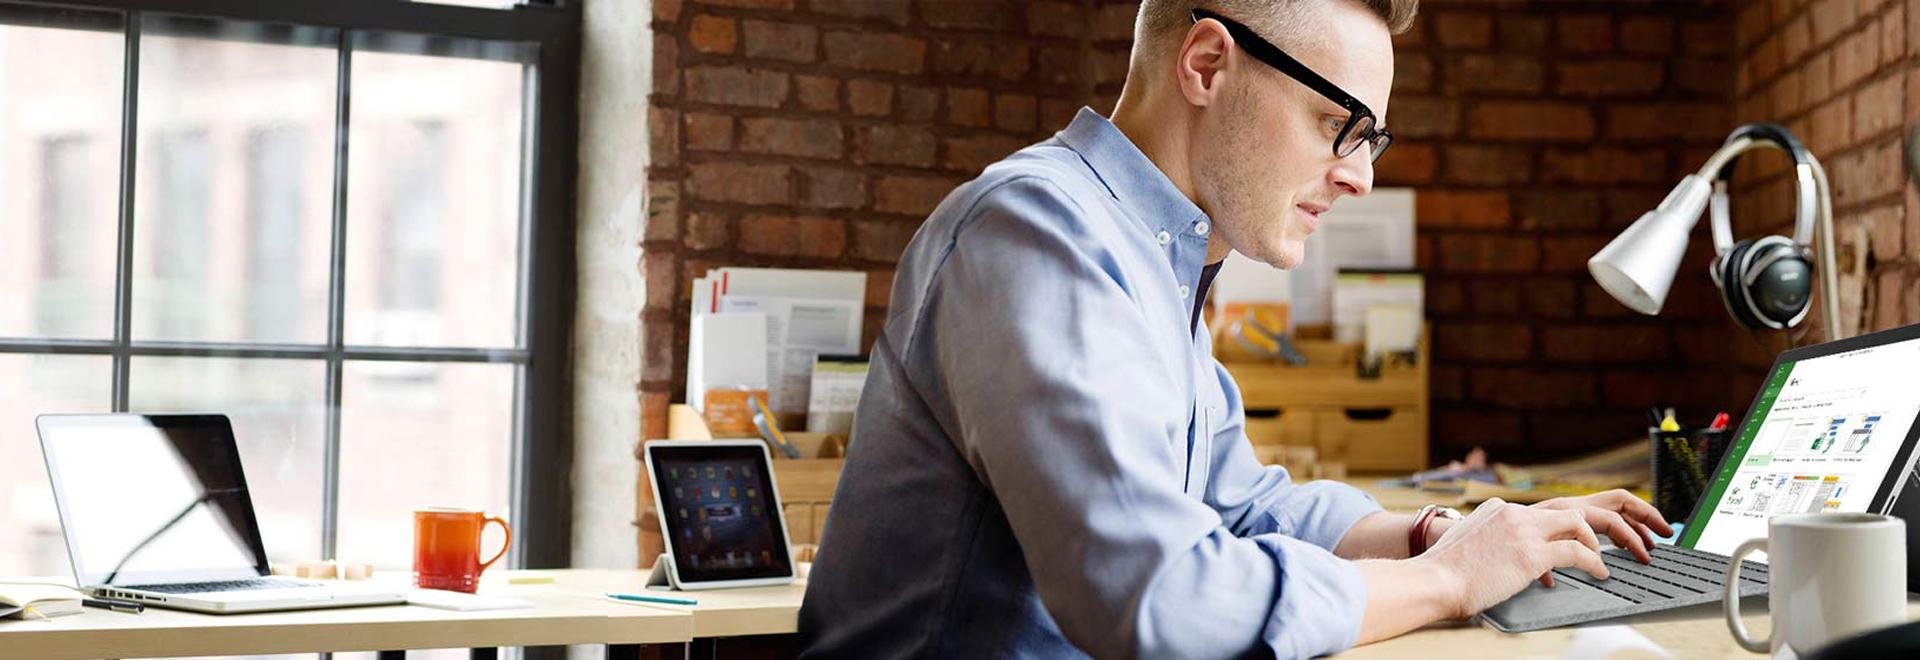 Một người ngồi ở bàn làm việc và làm việc trên máy tính bảng Surface, sử dụng Microsoft Project.